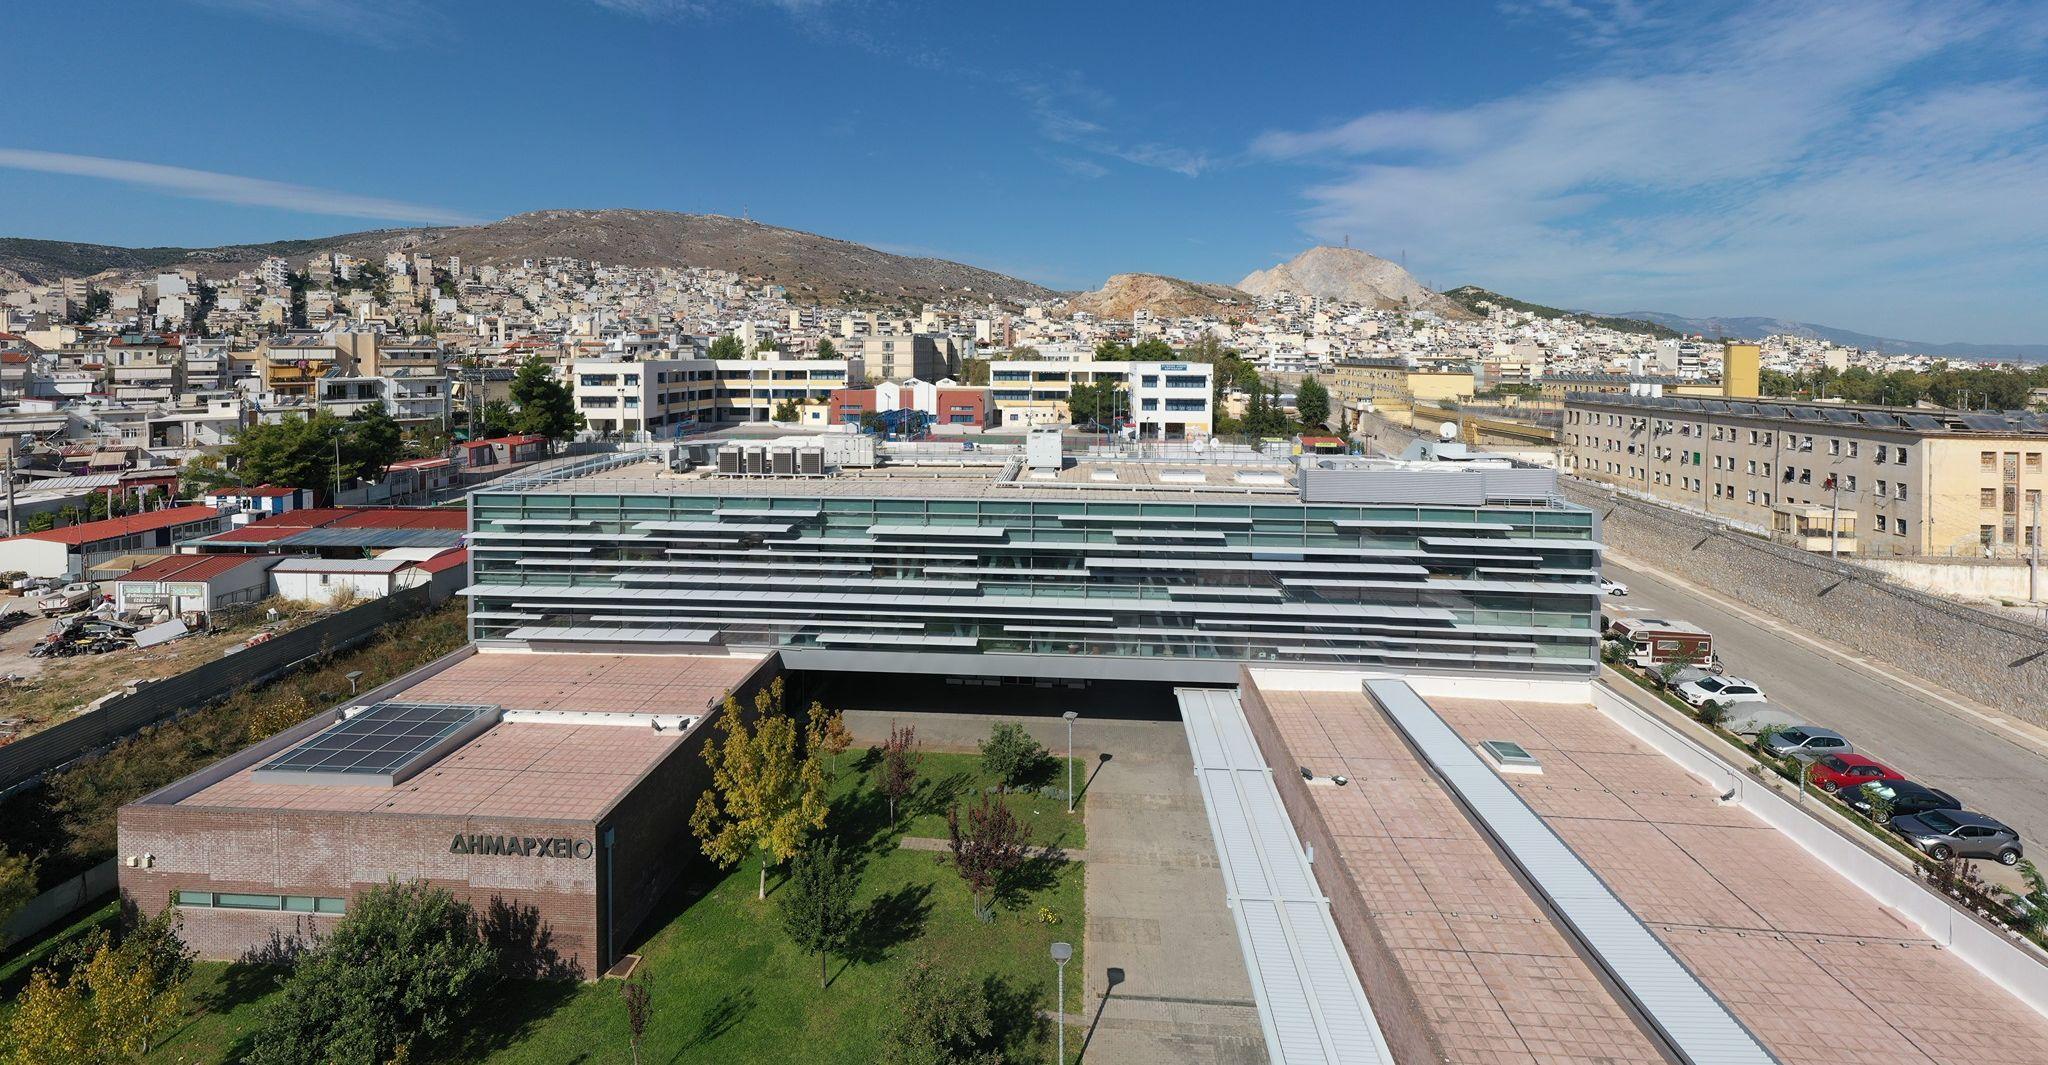 O Κορυδαλλός από ψηλά - Πηγή: Δήμος Κορυδαλλού